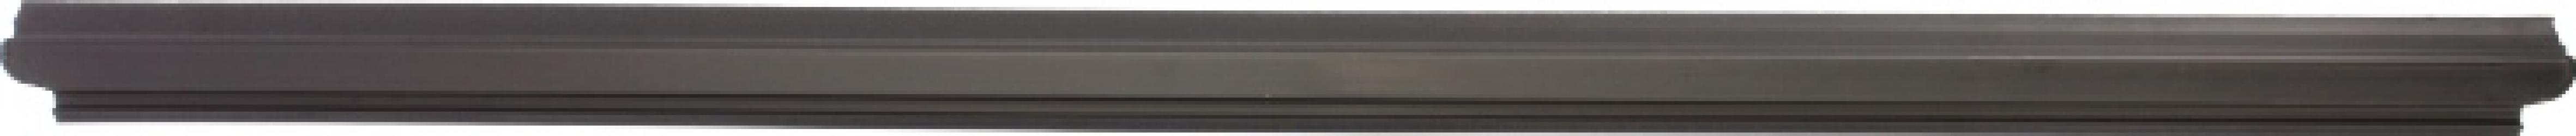 Cheder de exterior Sticla Usa stanga / dreapta SCANIA 4 144 Elemente caroserie